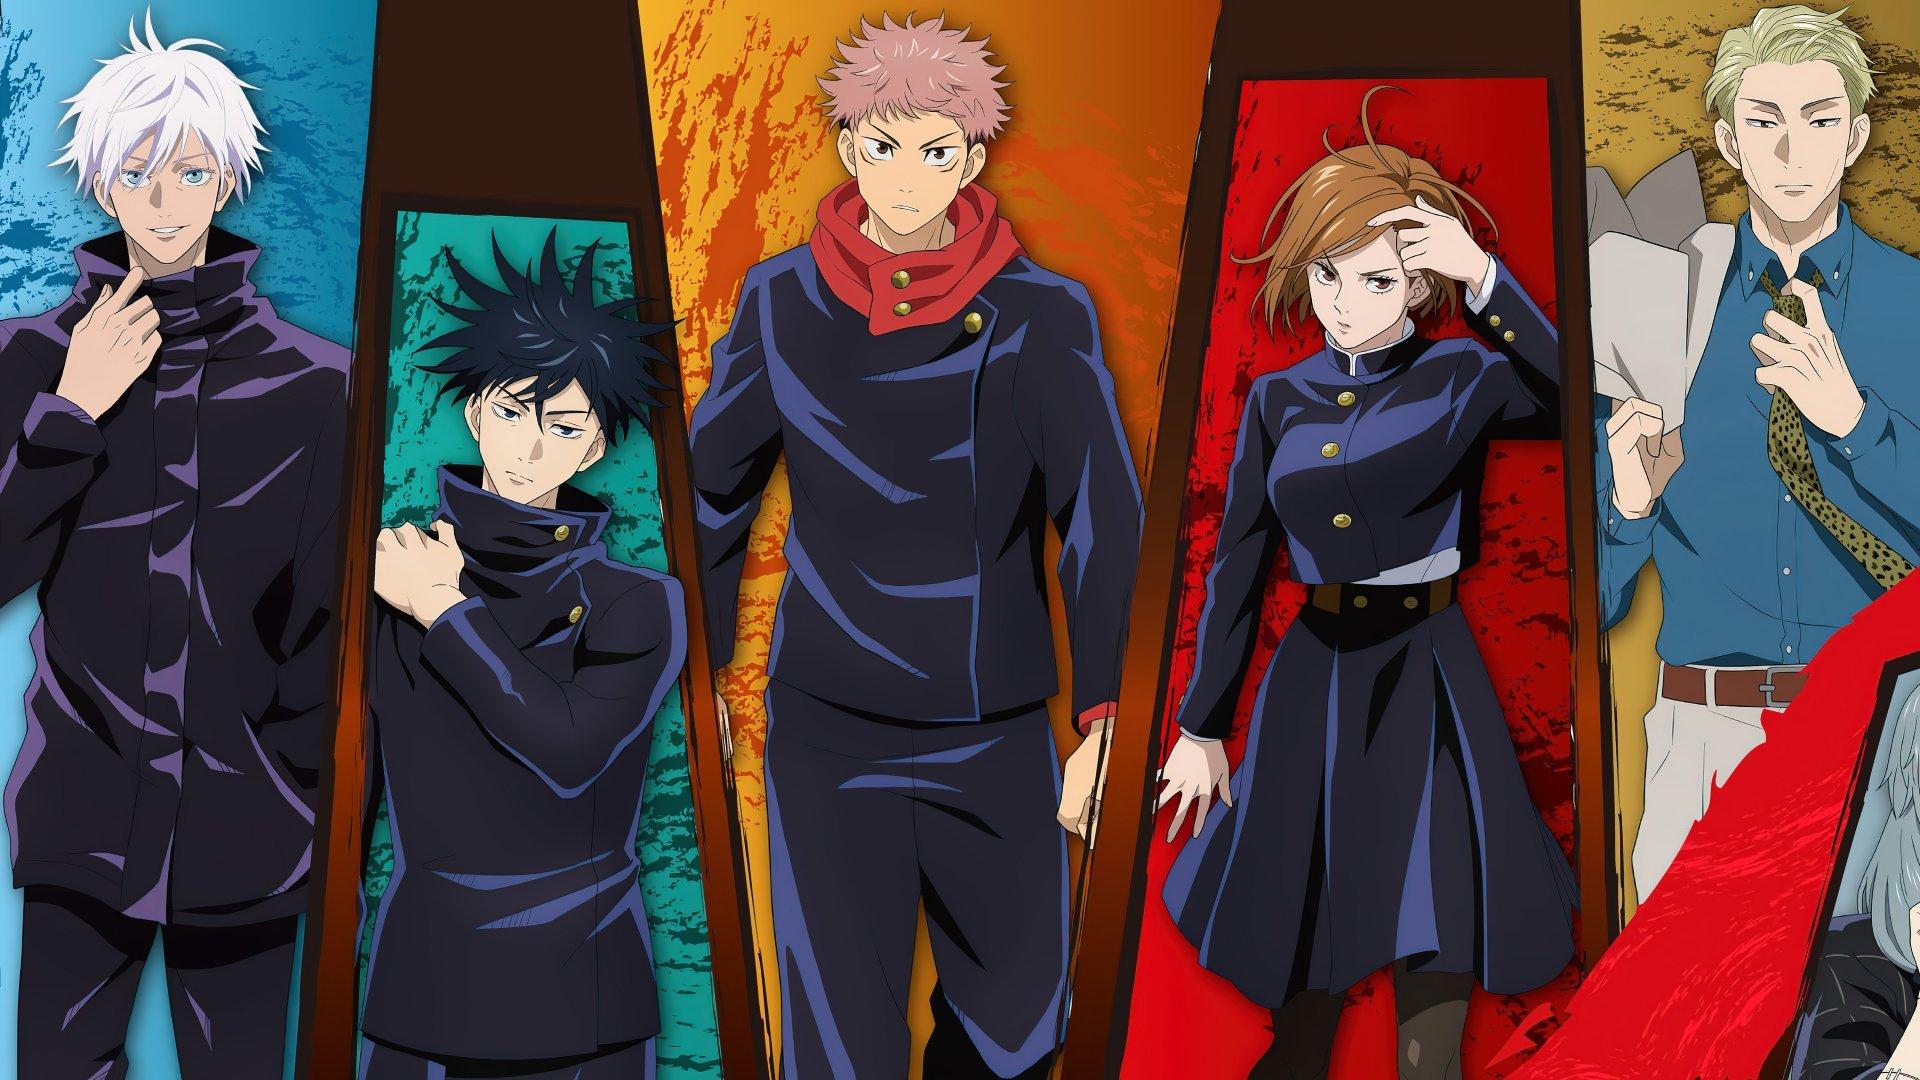 Personajes de Jujutsu Kaisen Anime Fondo de pantalla 4k ...